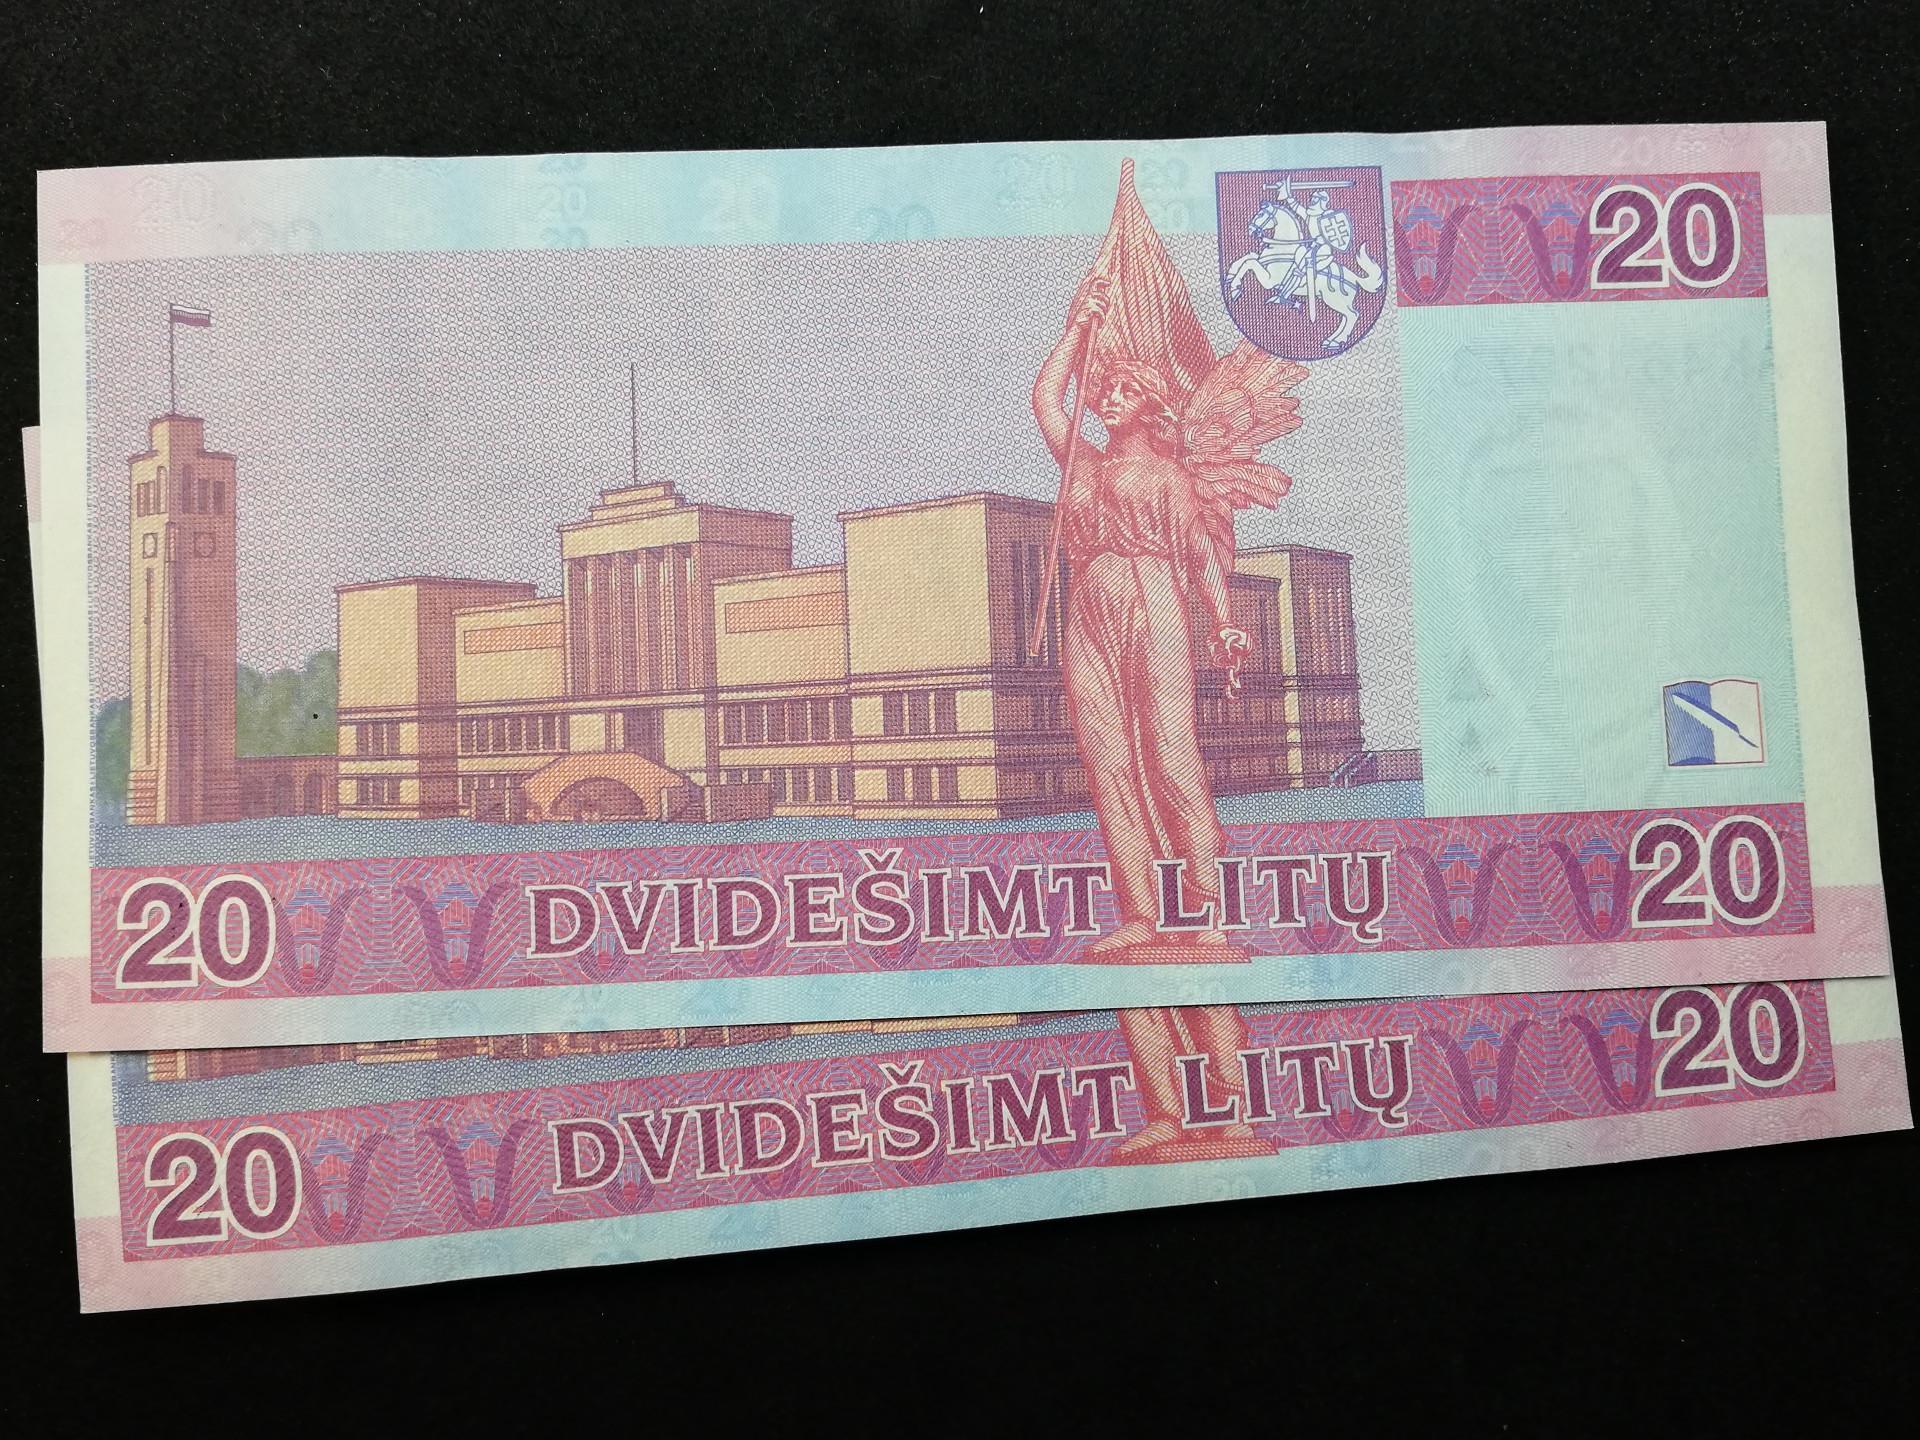 20 Litų Maironis UNC banknotas x2 (nr. vienas po kito)